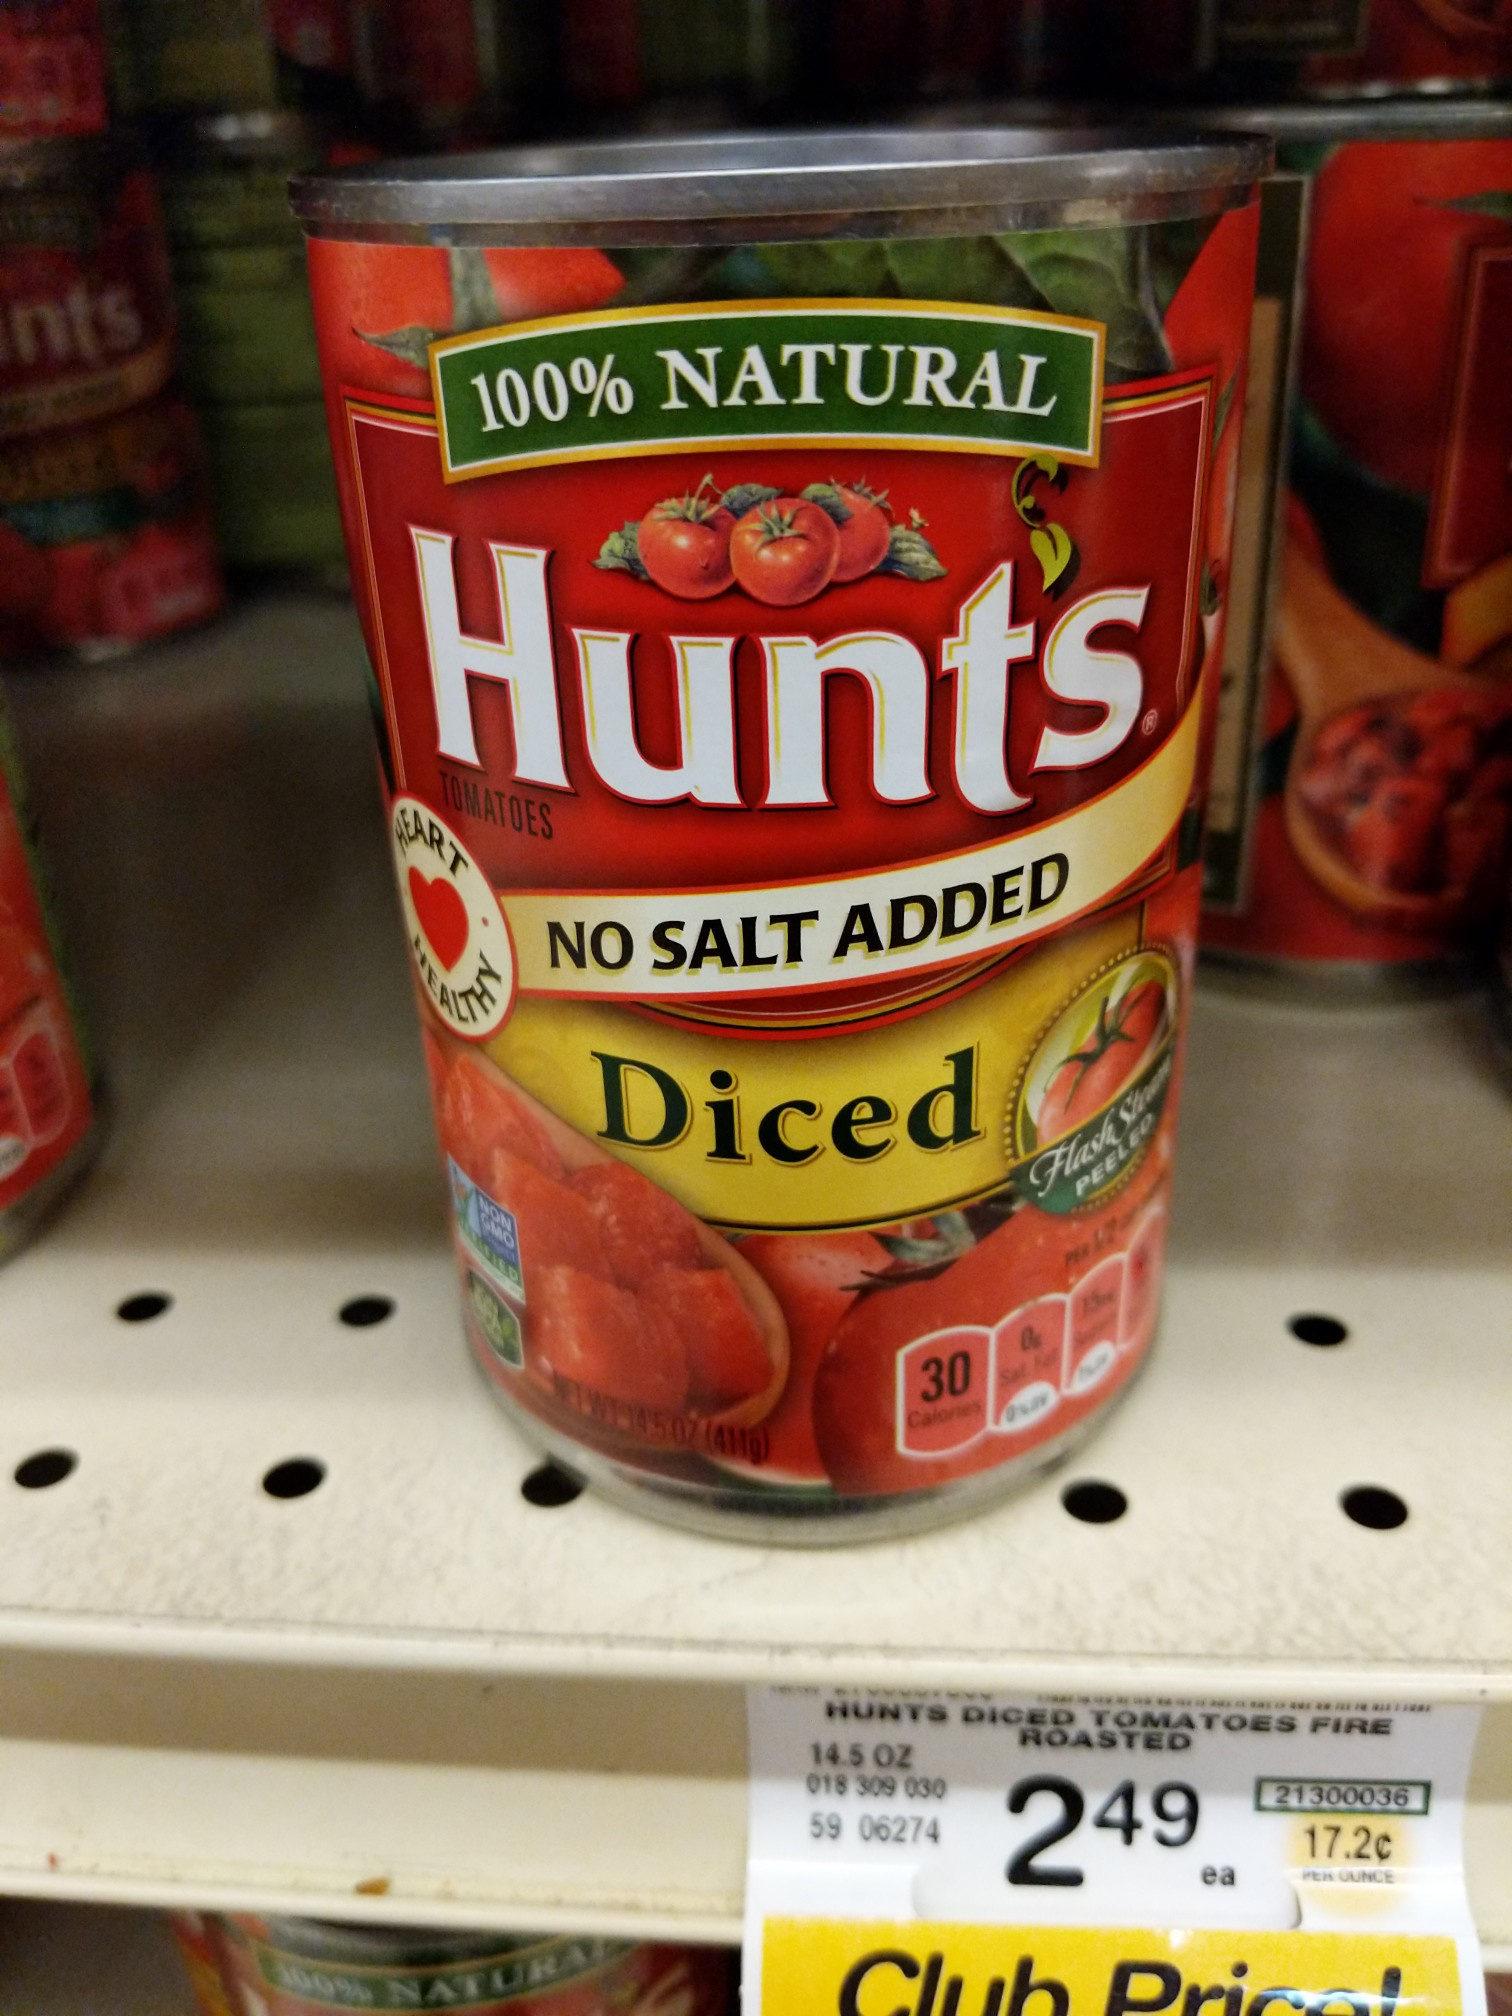 Hunt's Diced Tomatoes No Salt Added, 14.5 oz, 14.5 OZ - Product - en